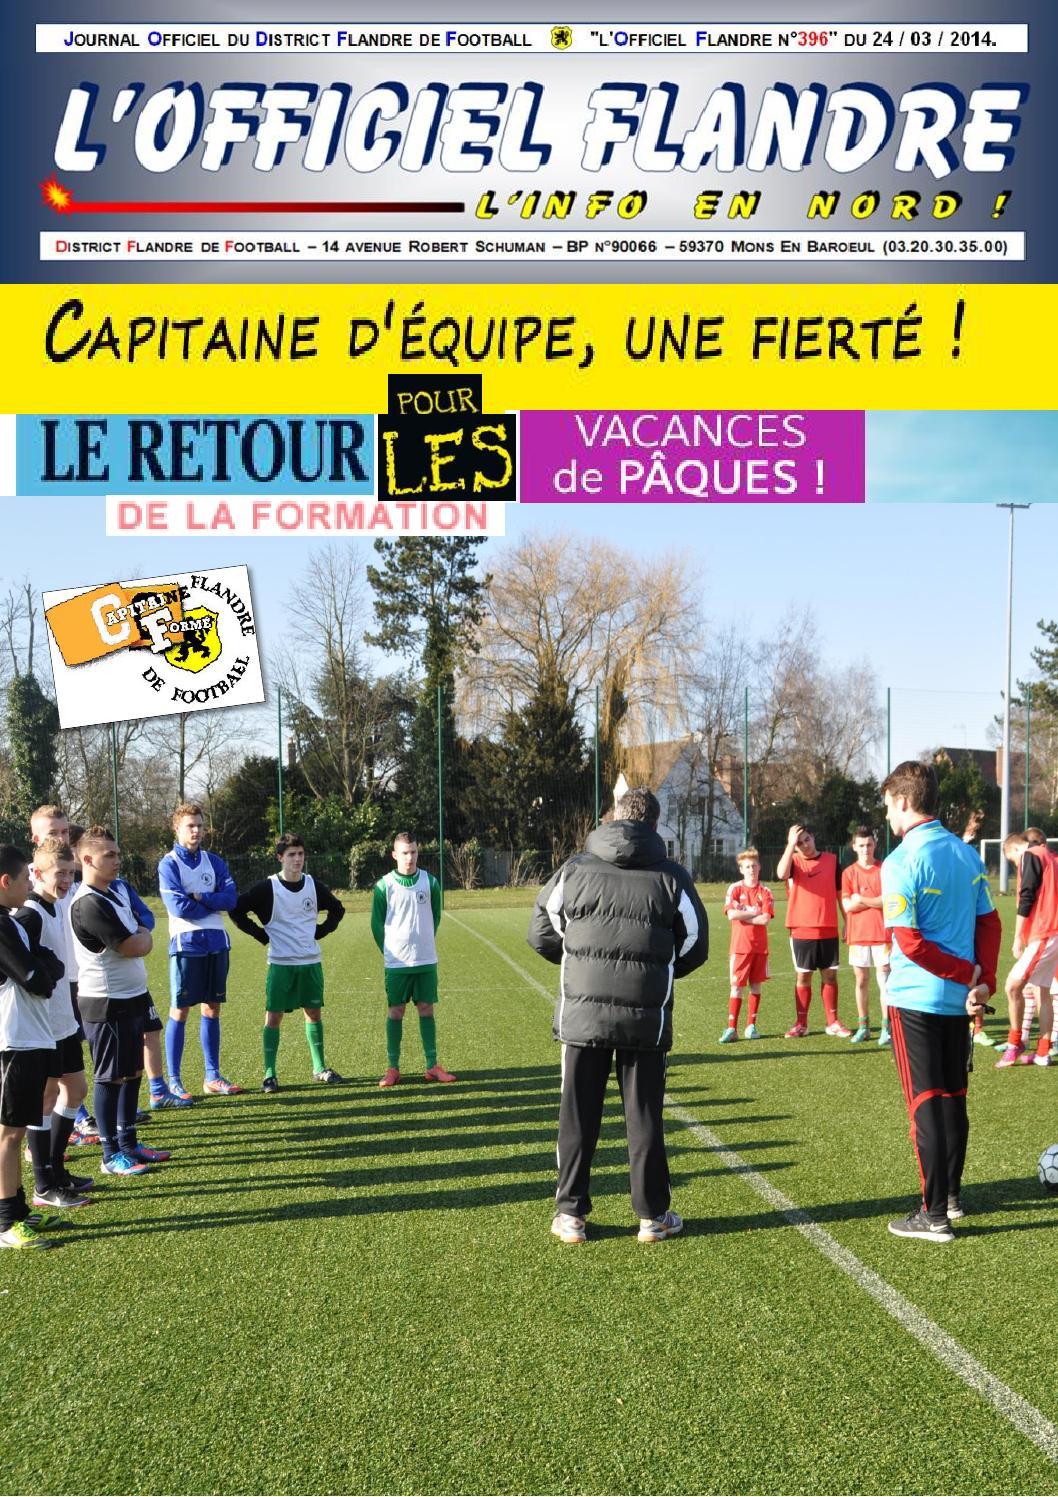 Portail Des Flandres Salome le journal du district flandre de football n°396 du 24 mars